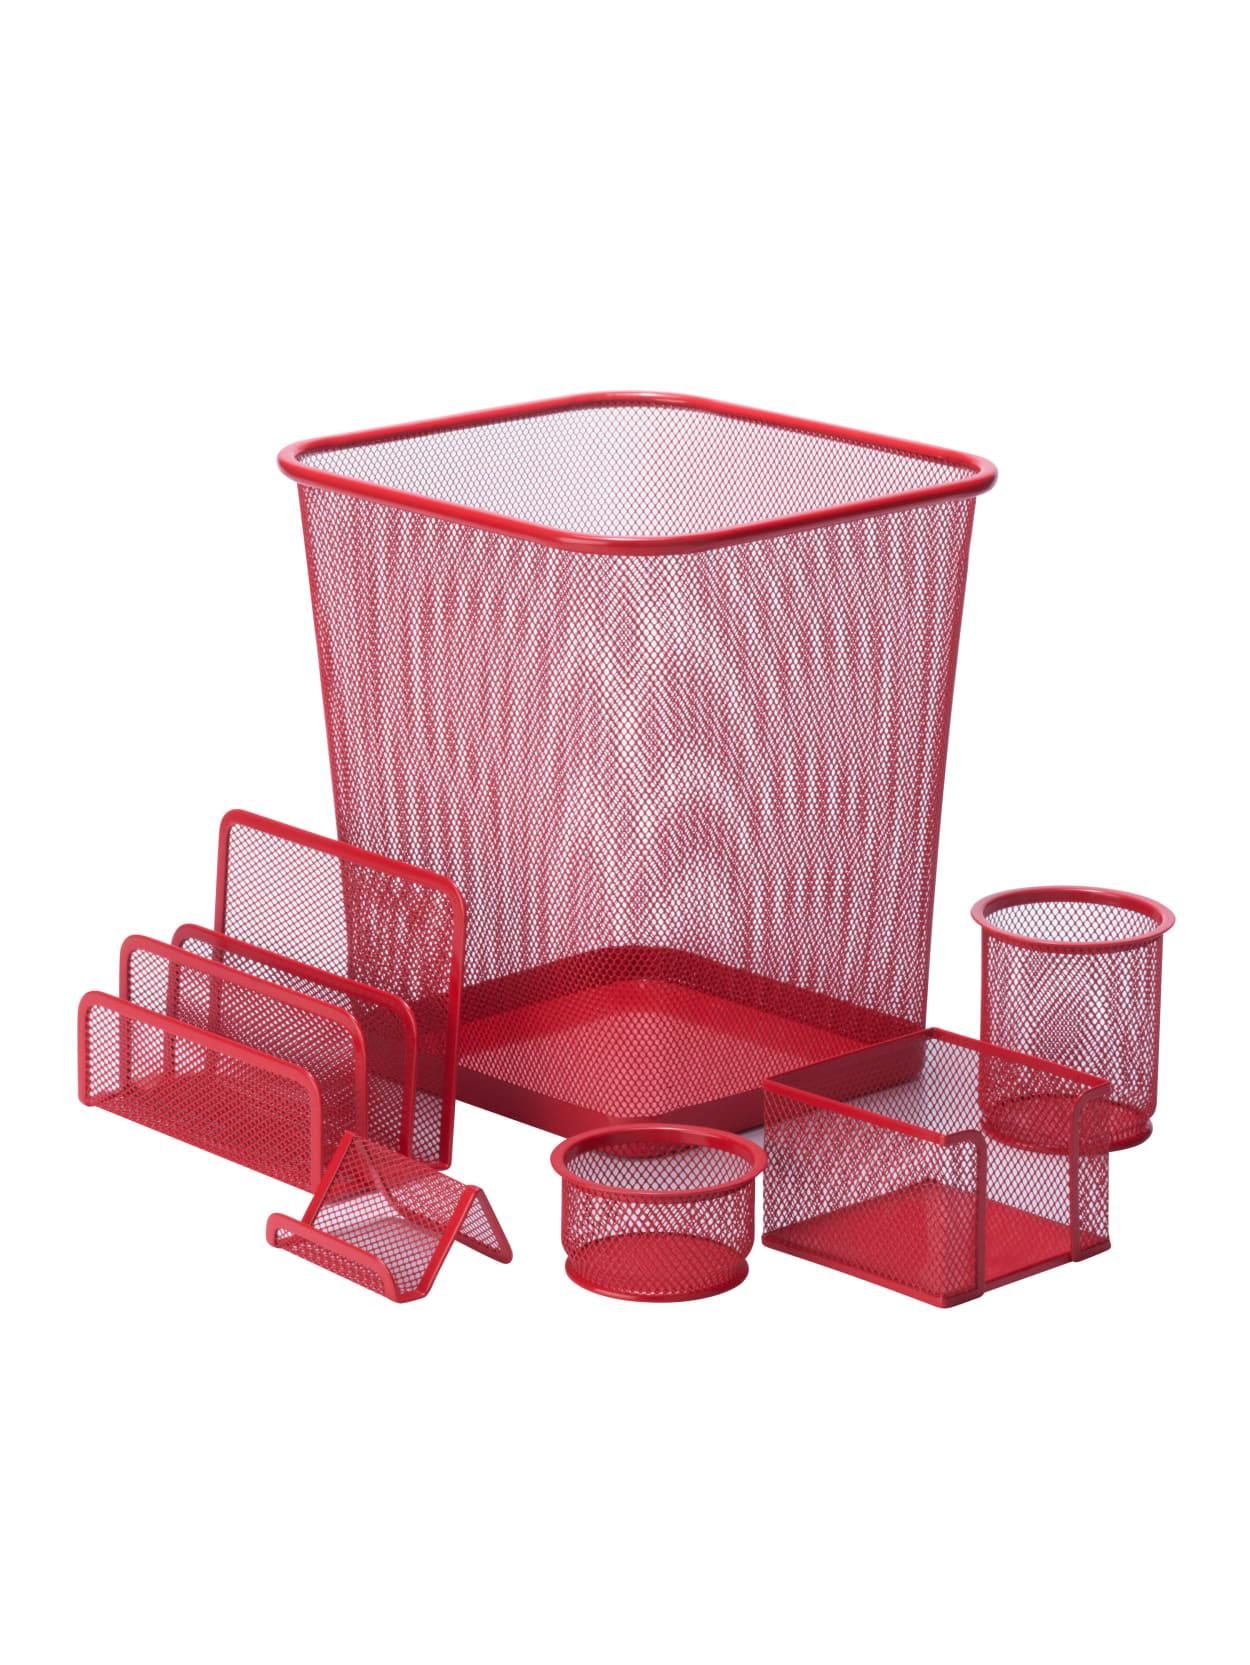 Honey Can Do 34 Piece Mesh Desk Organizer Set Red - Office Depot